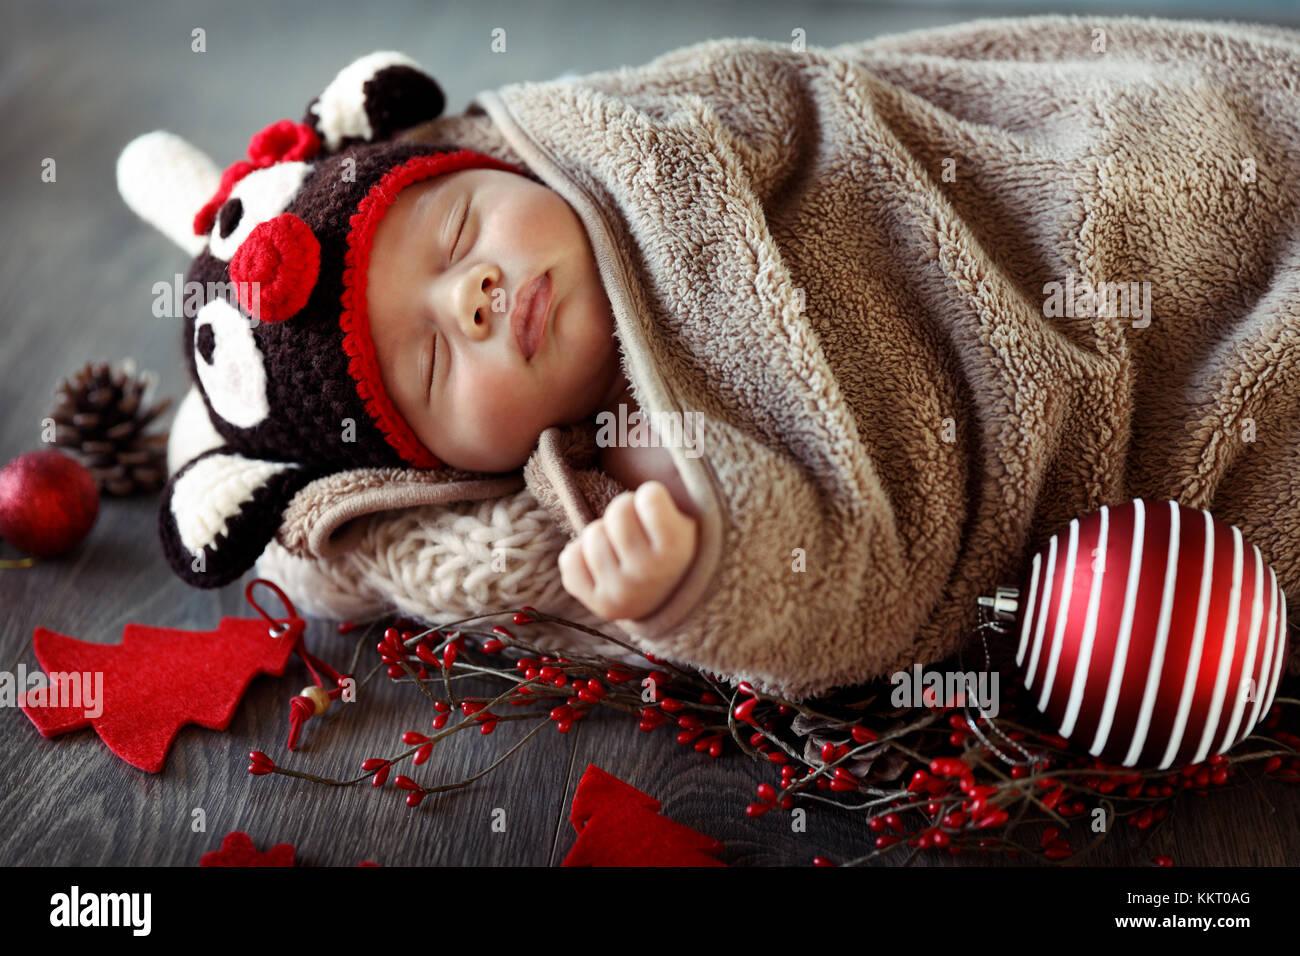 s e baby boy zu hause in heiligabend mit sch nen roten dekorationen schlafen tragen lustige. Black Bedroom Furniture Sets. Home Design Ideas